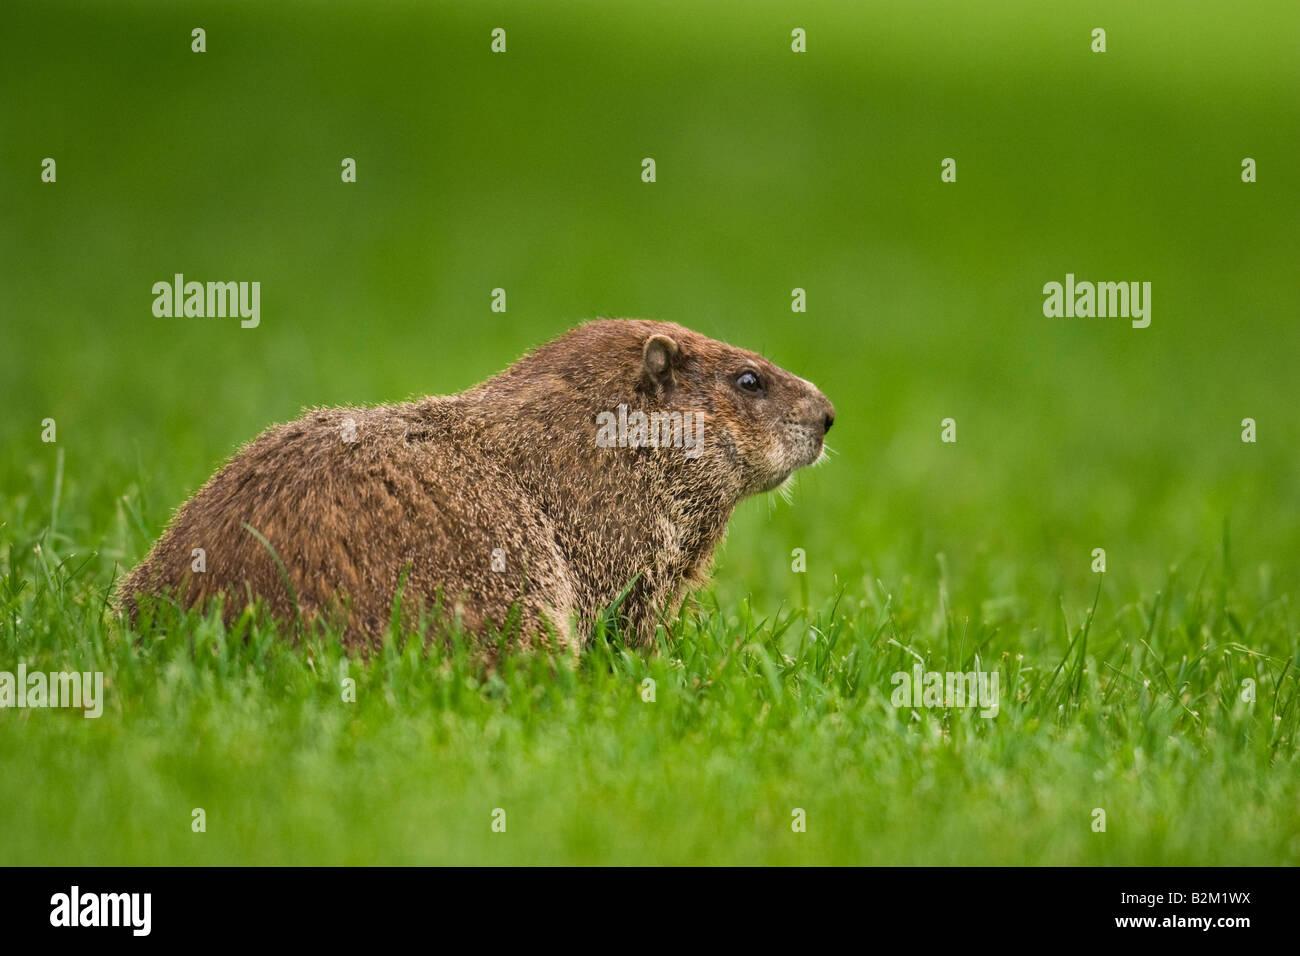 Woodchuck (Marmota monax) groundhog - Stock Image